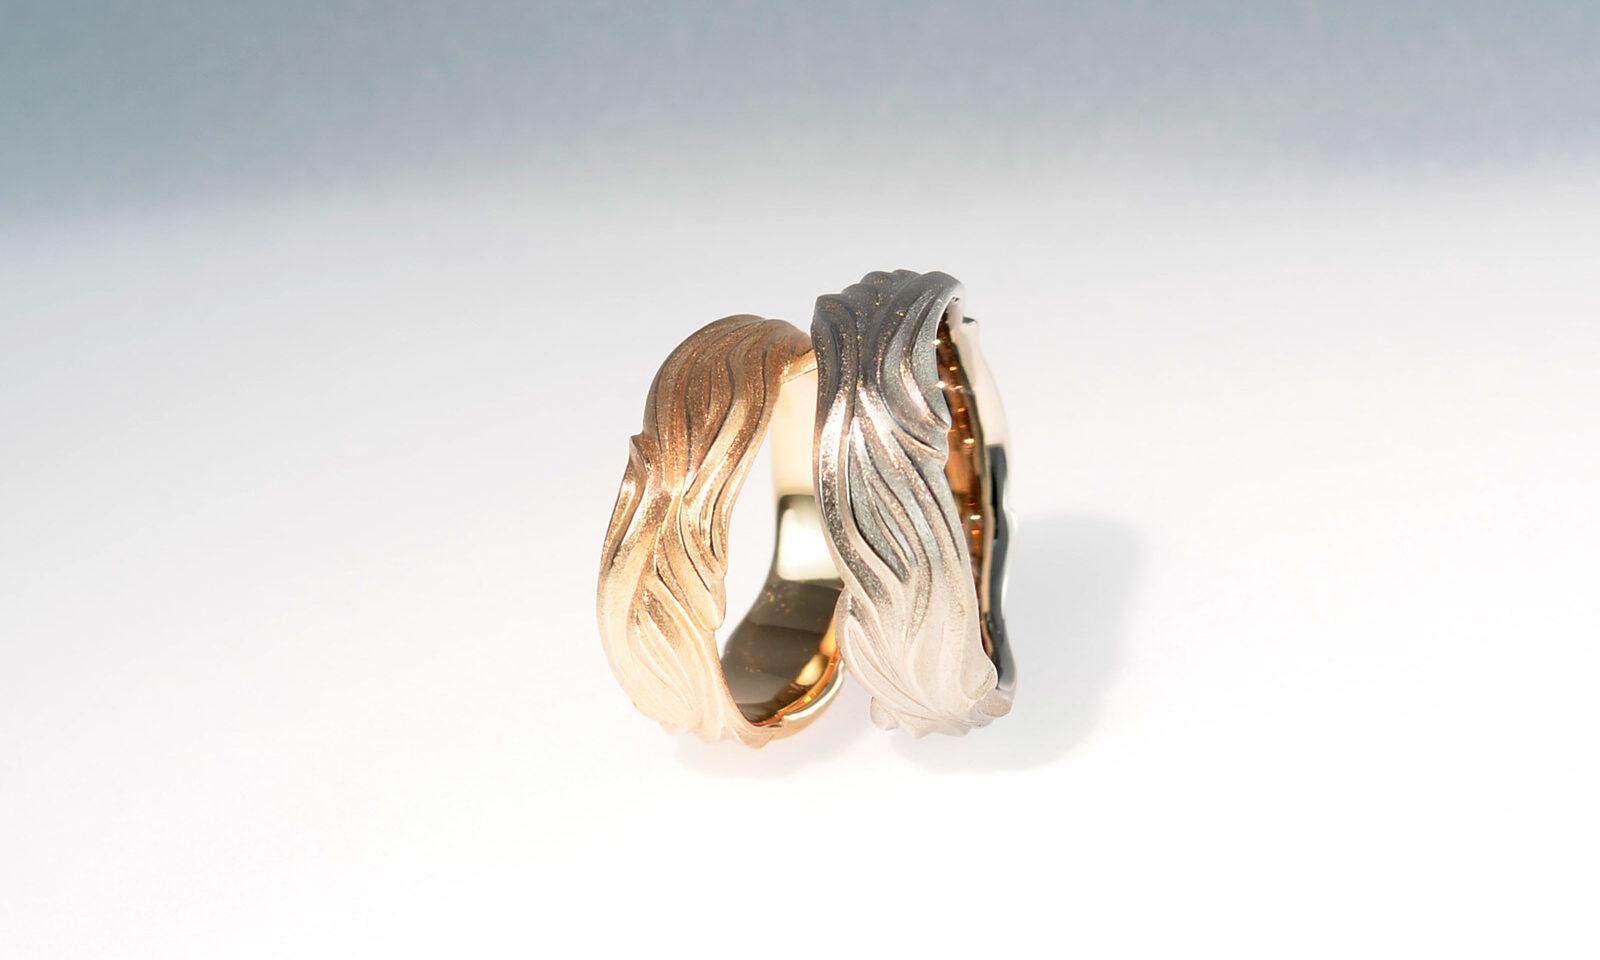 Ringe wellen. Trauringe Rotgold 750 und Weissgold 750, Breite 6-7 mm, CHF 2350.- / CHF 2590.-